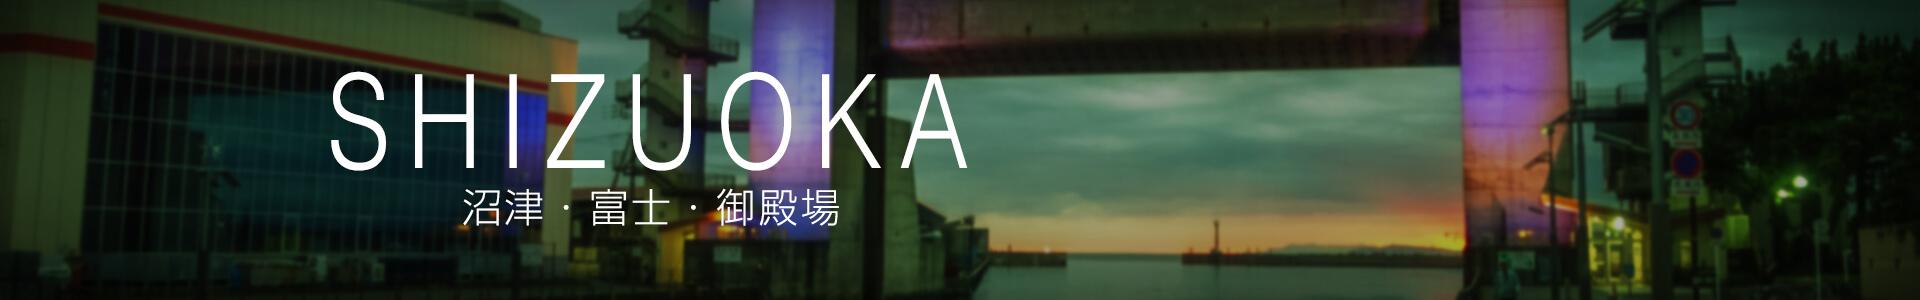 沼津・静岡東部